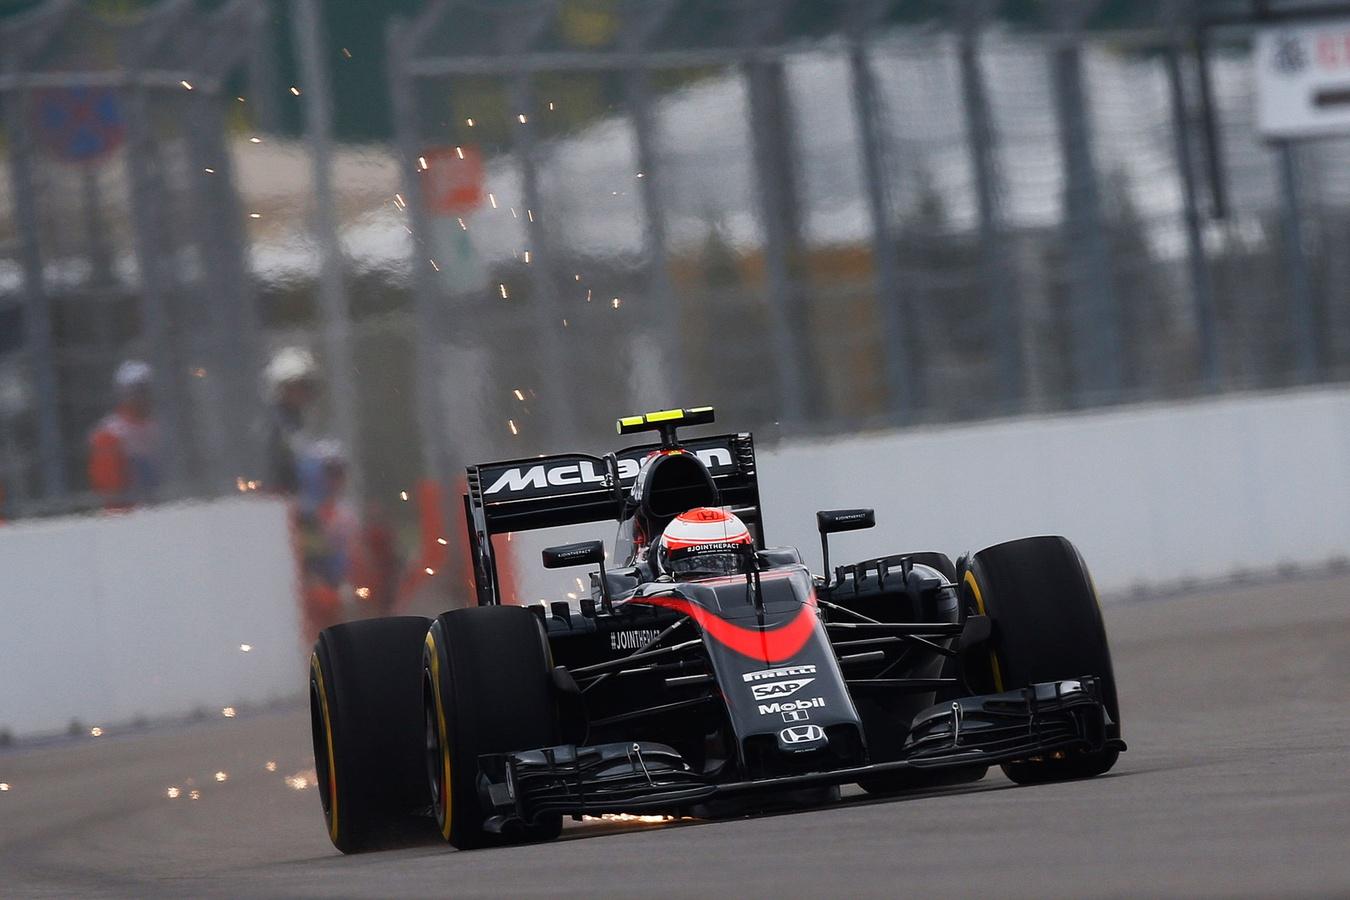 F1 Mclaren Honda